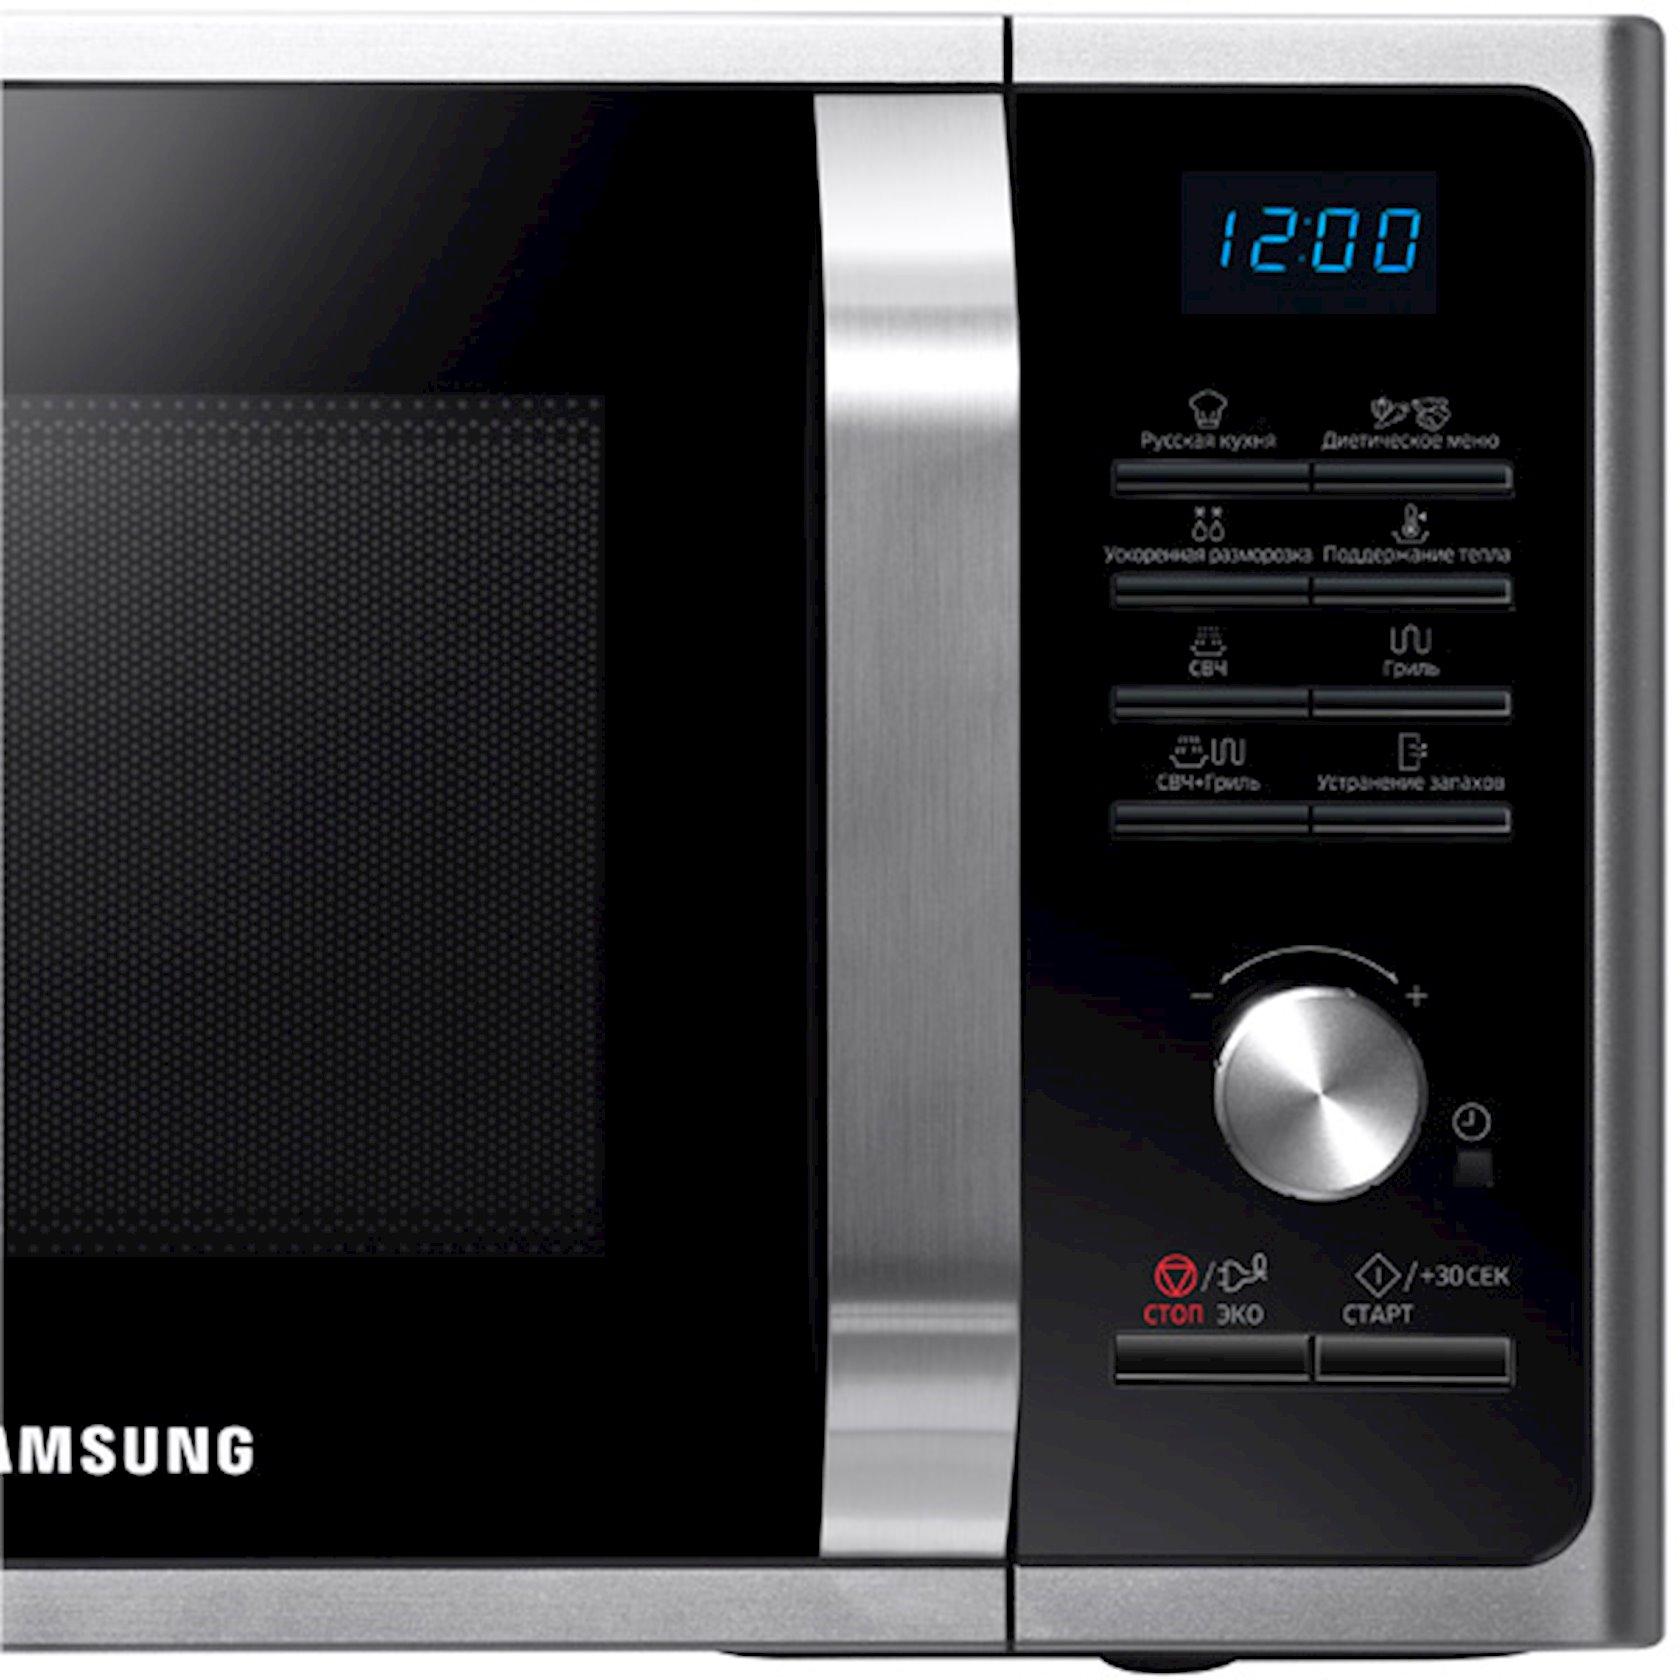 Микроволновая печь Samsung MG23F302TQS/BW